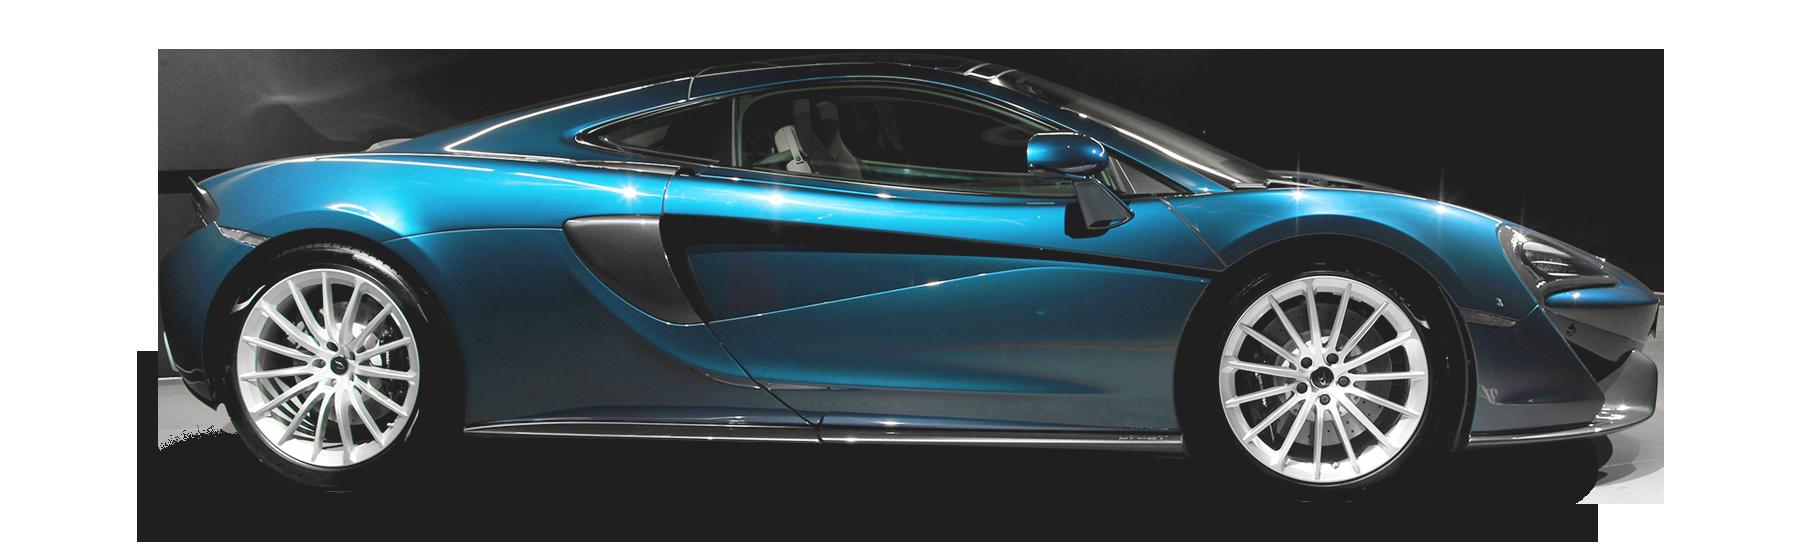 AIL McLaren Blau